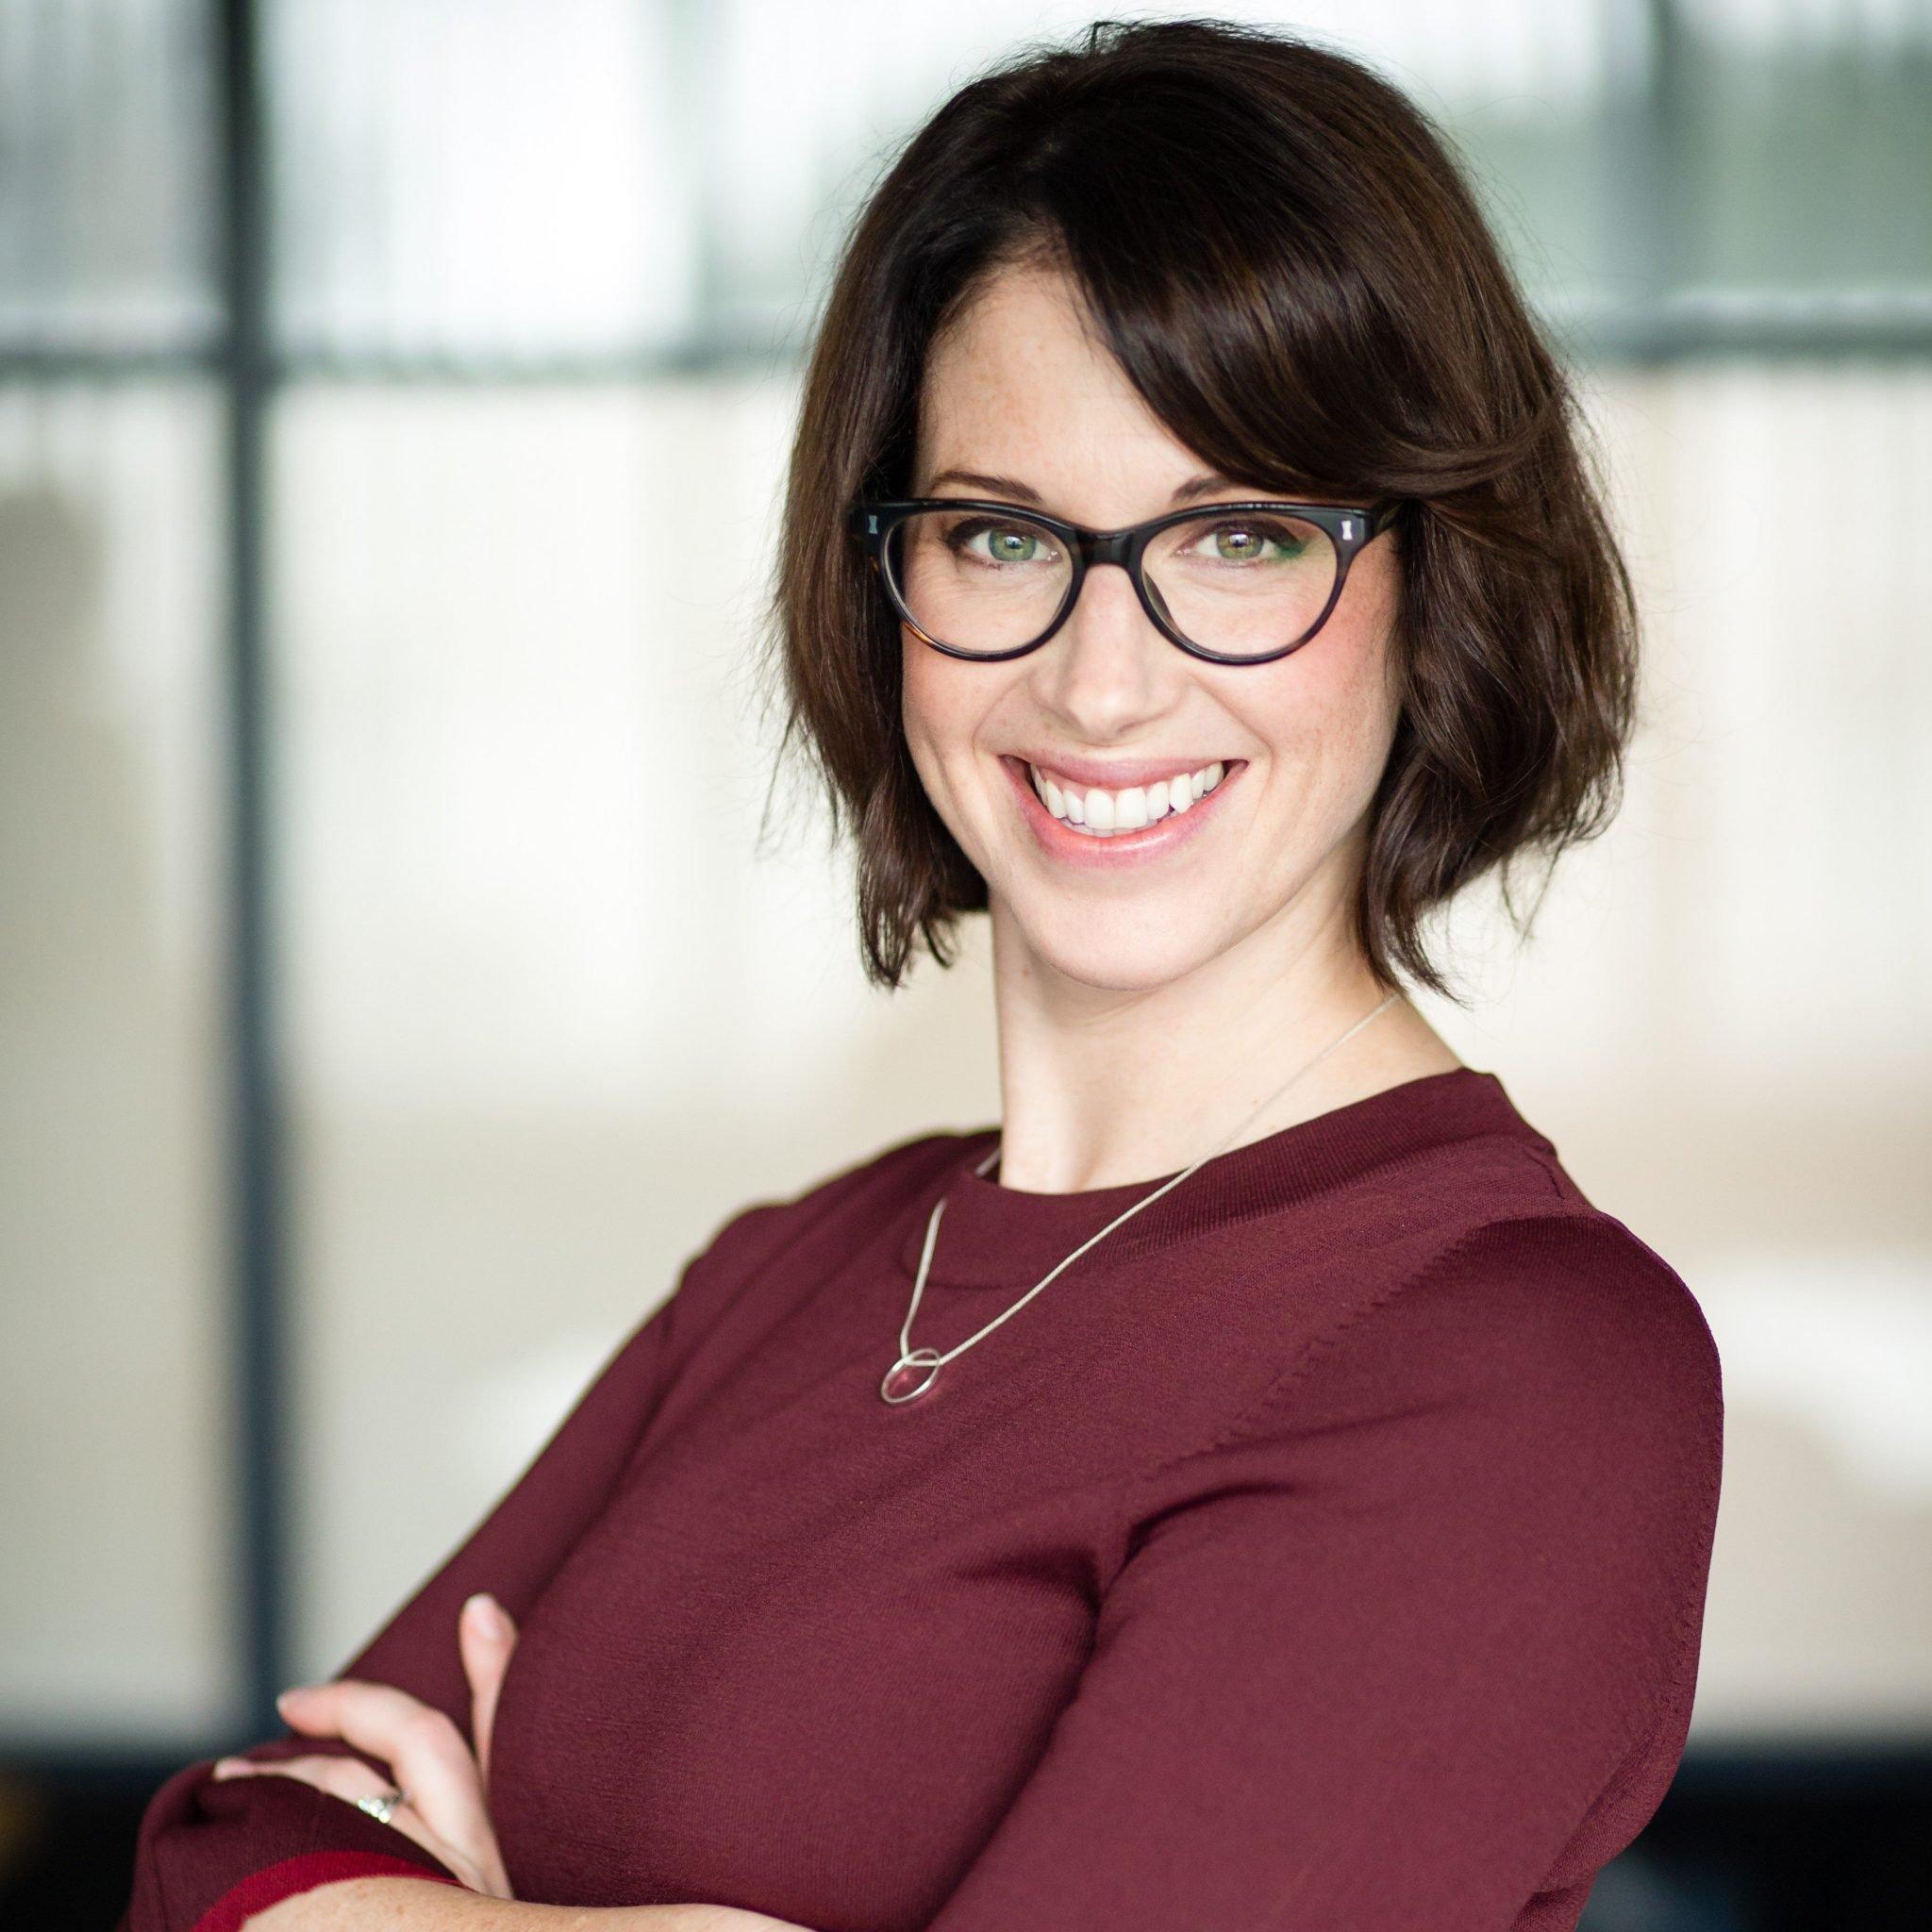 Dr. Aimee Robbins-van Wynsberghe